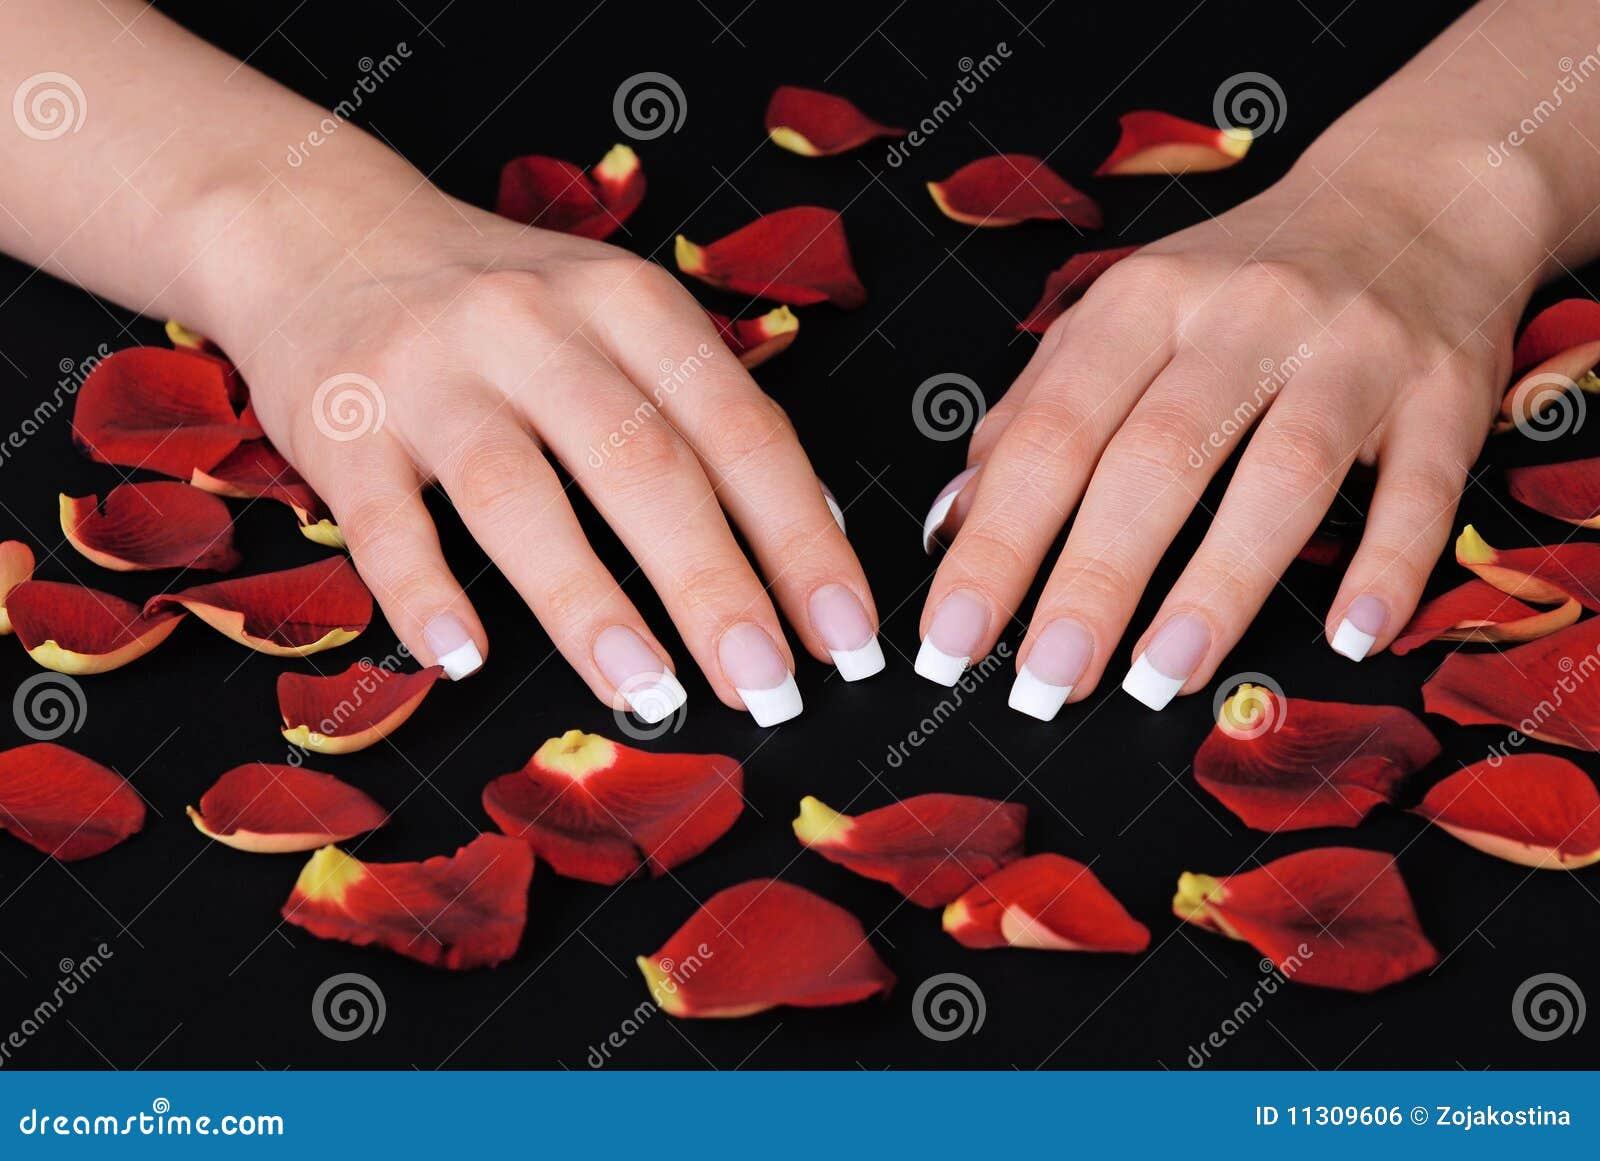 Französische Maniküre und rote rosafarbene Blumenblätter